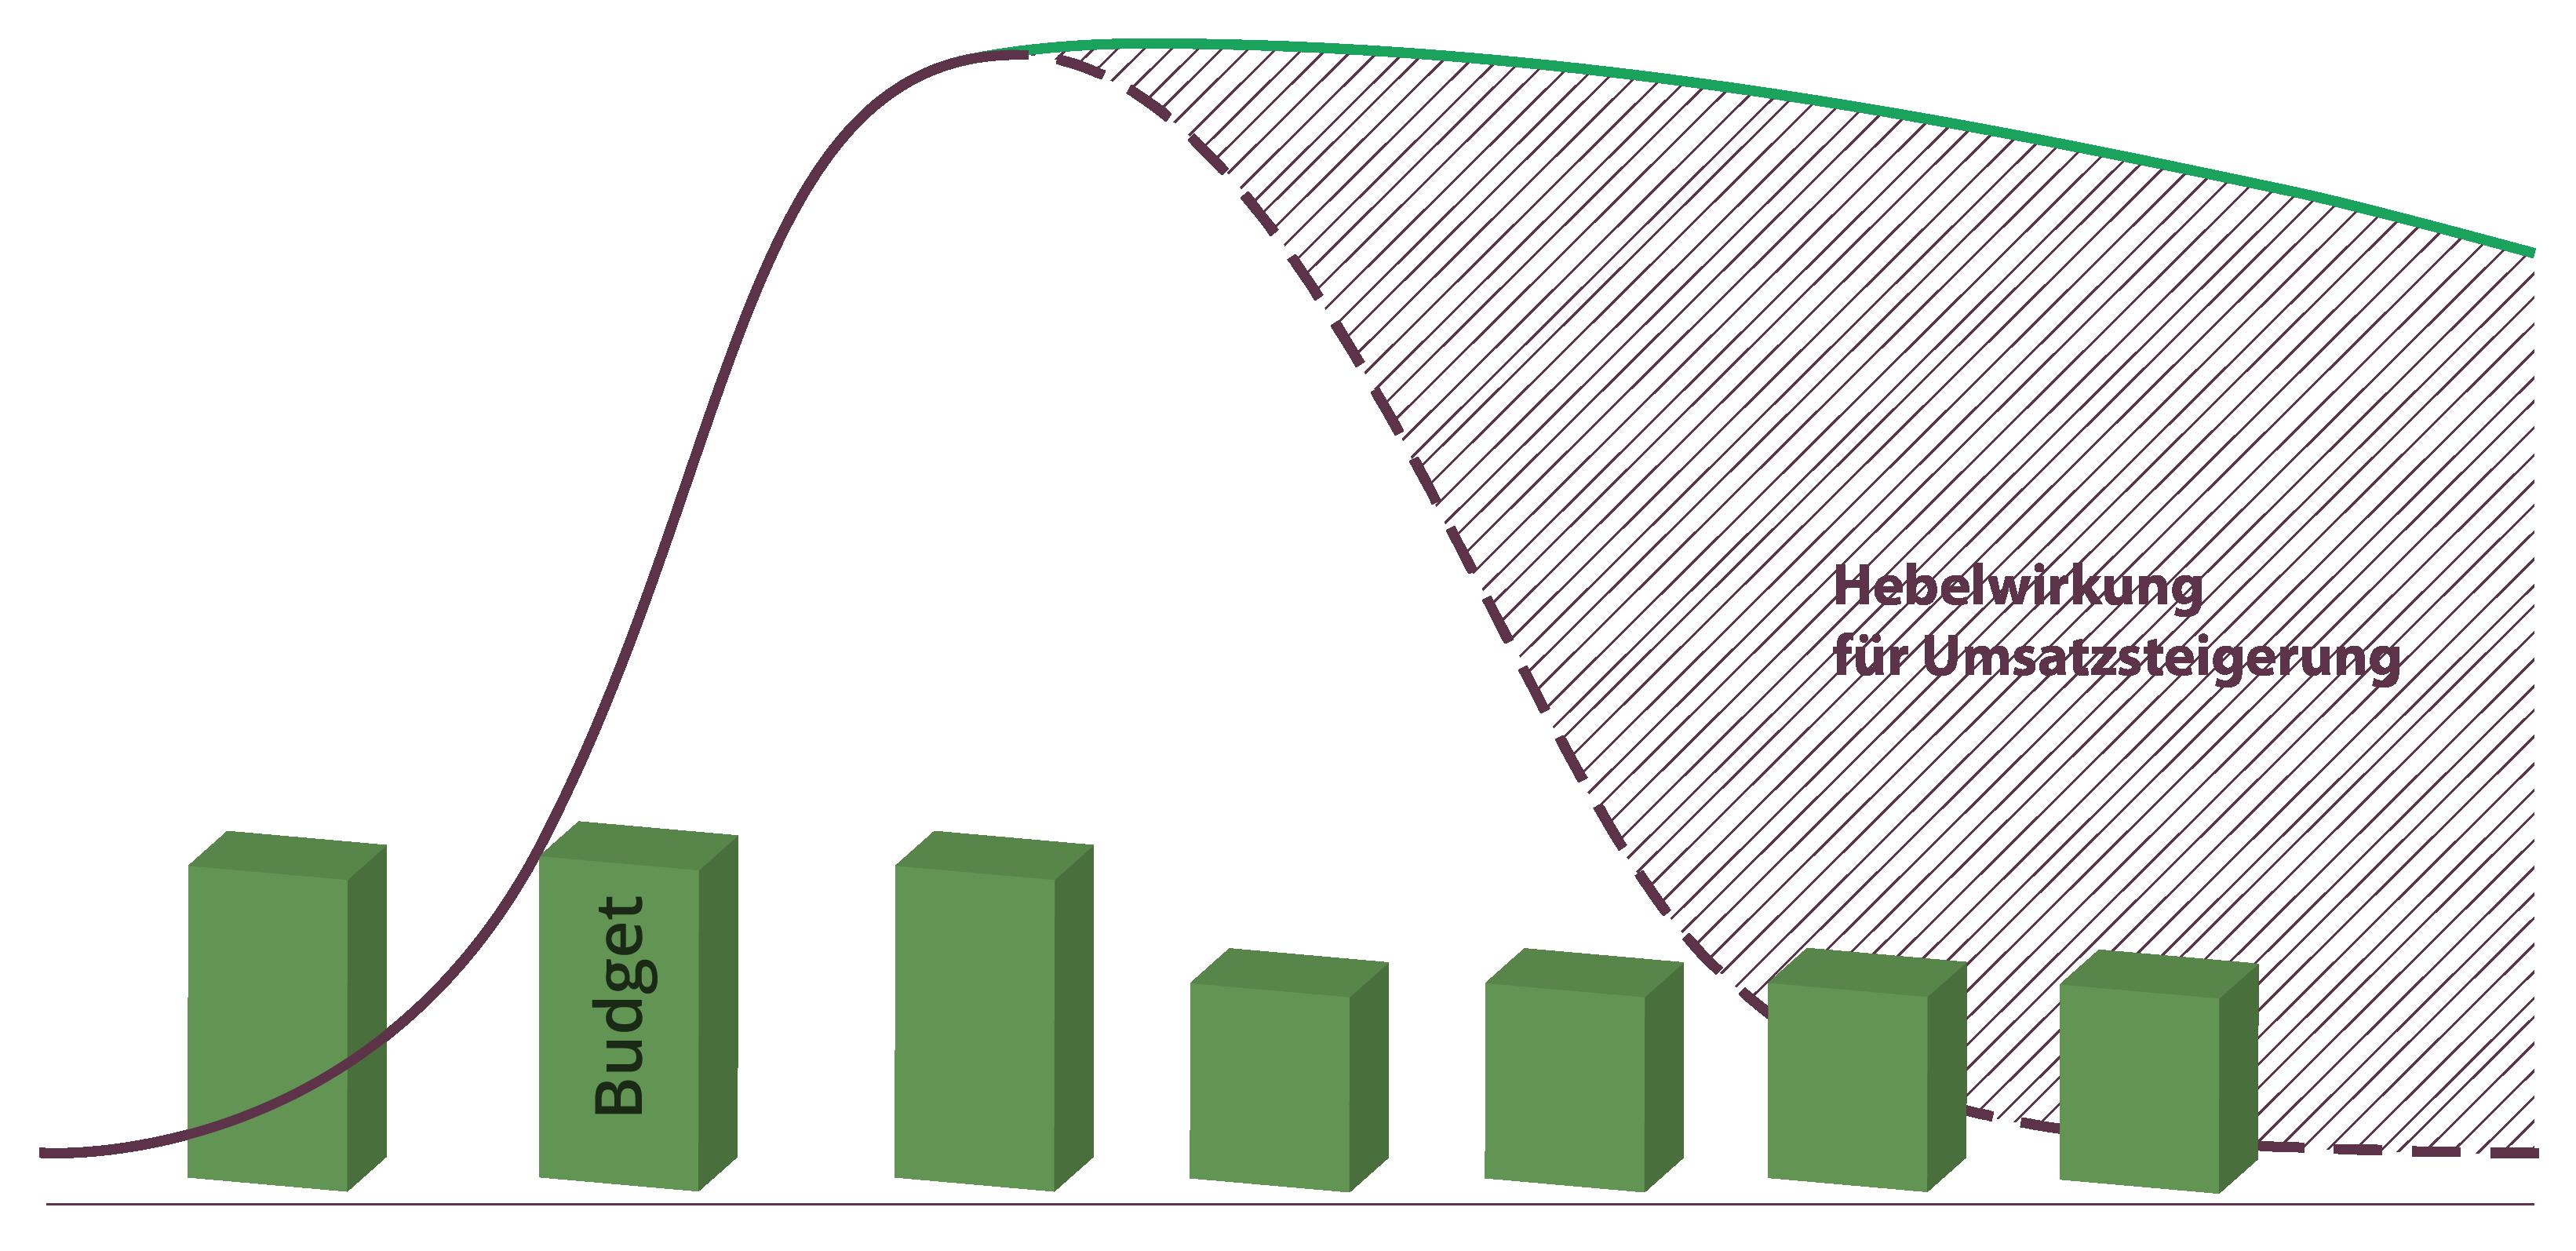 Hebelwirkung für Umsatzsteigerung